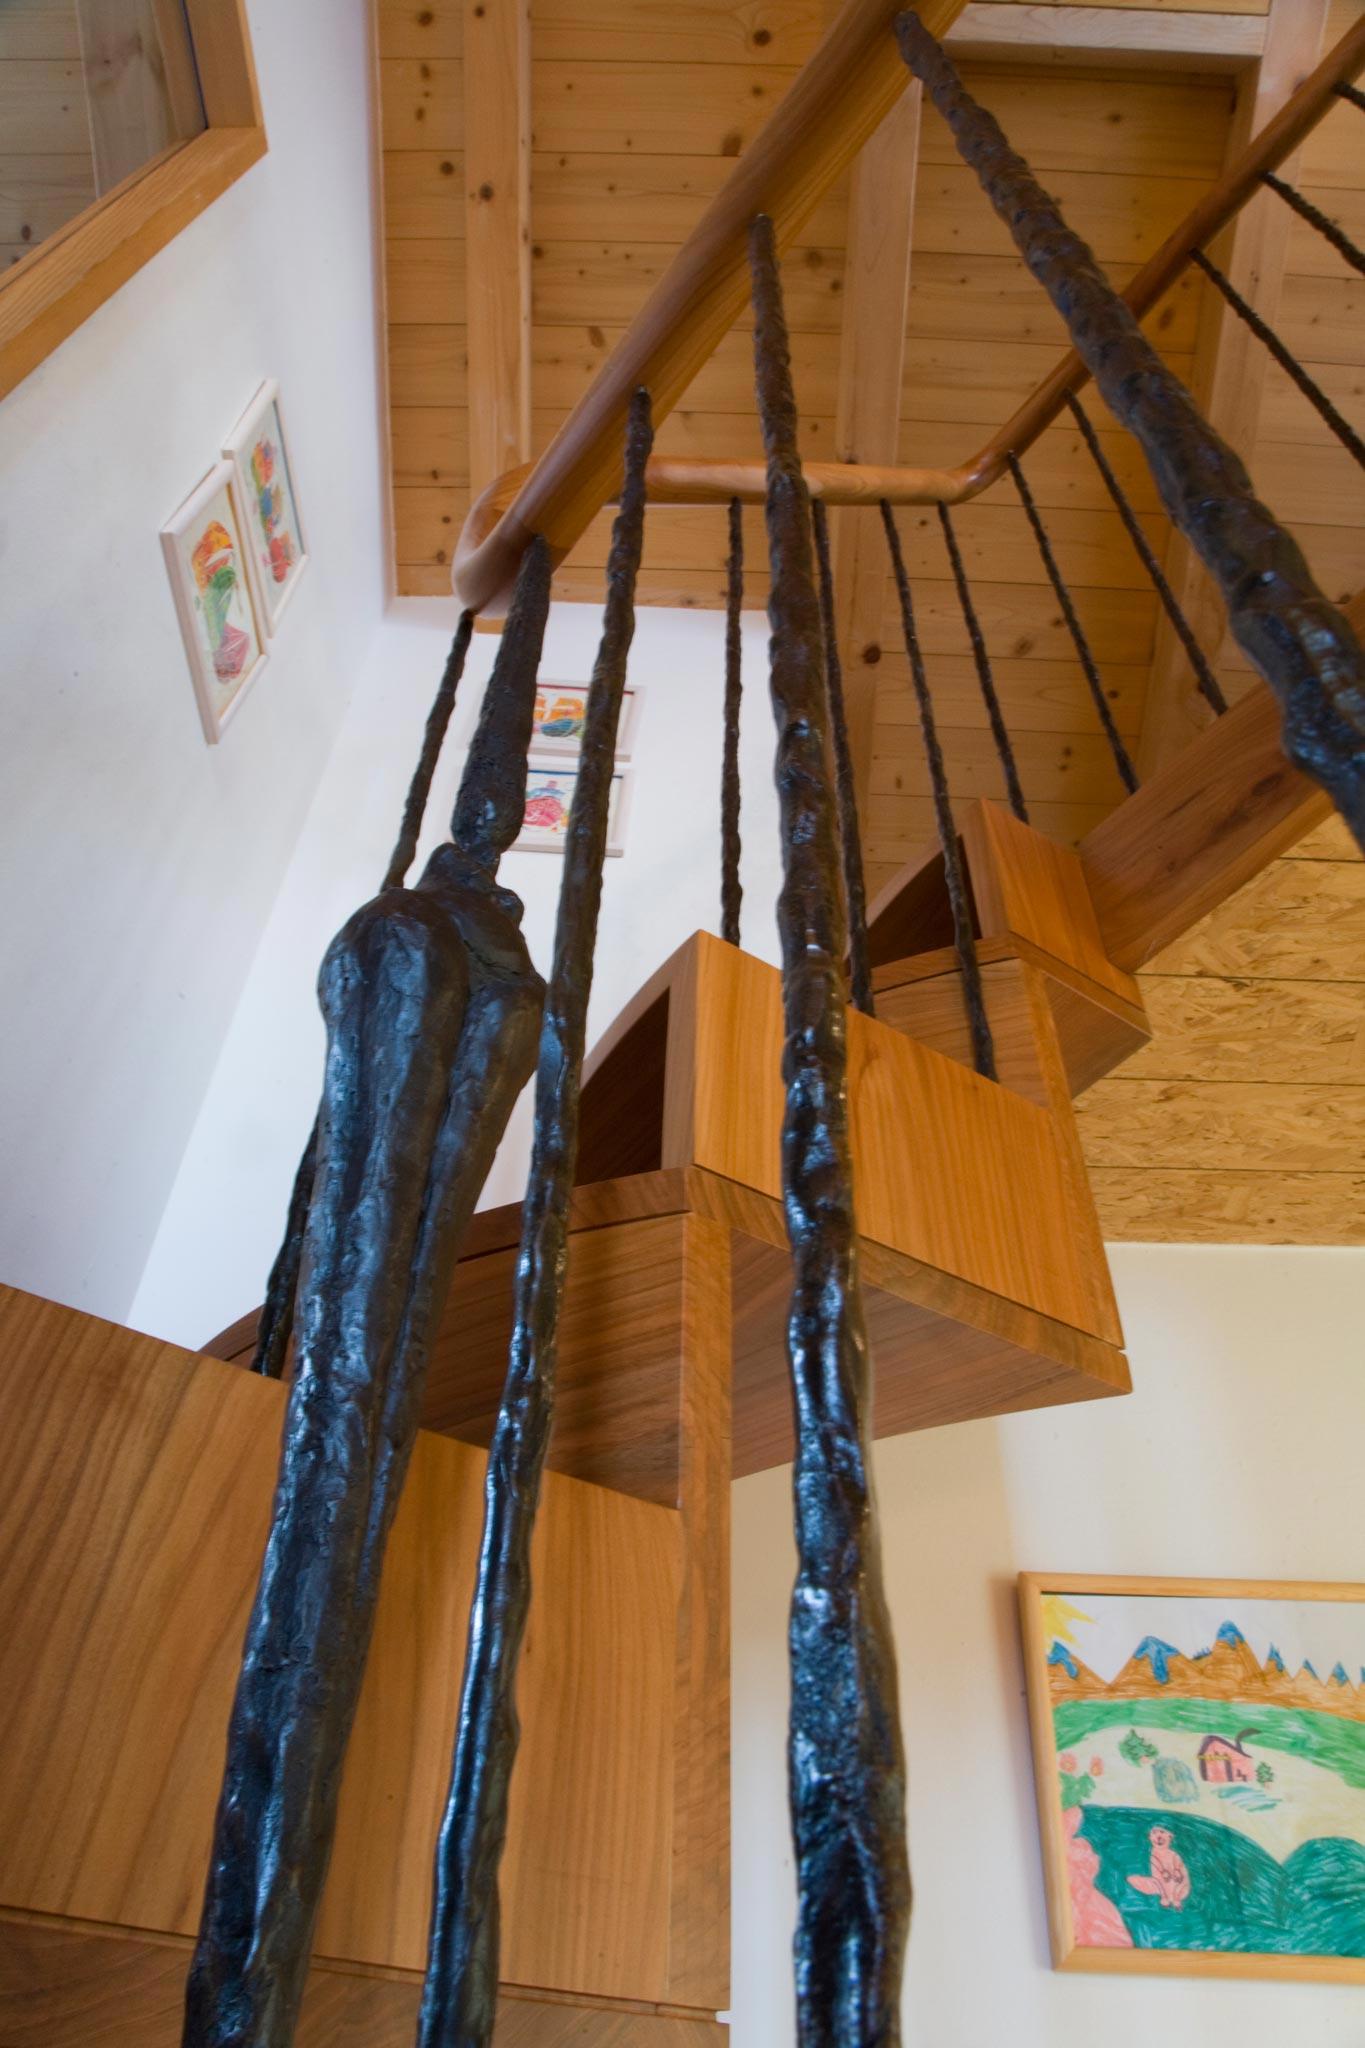 ES Dar fre escalier vtc 20 05 036 - Les escaliers de la grange